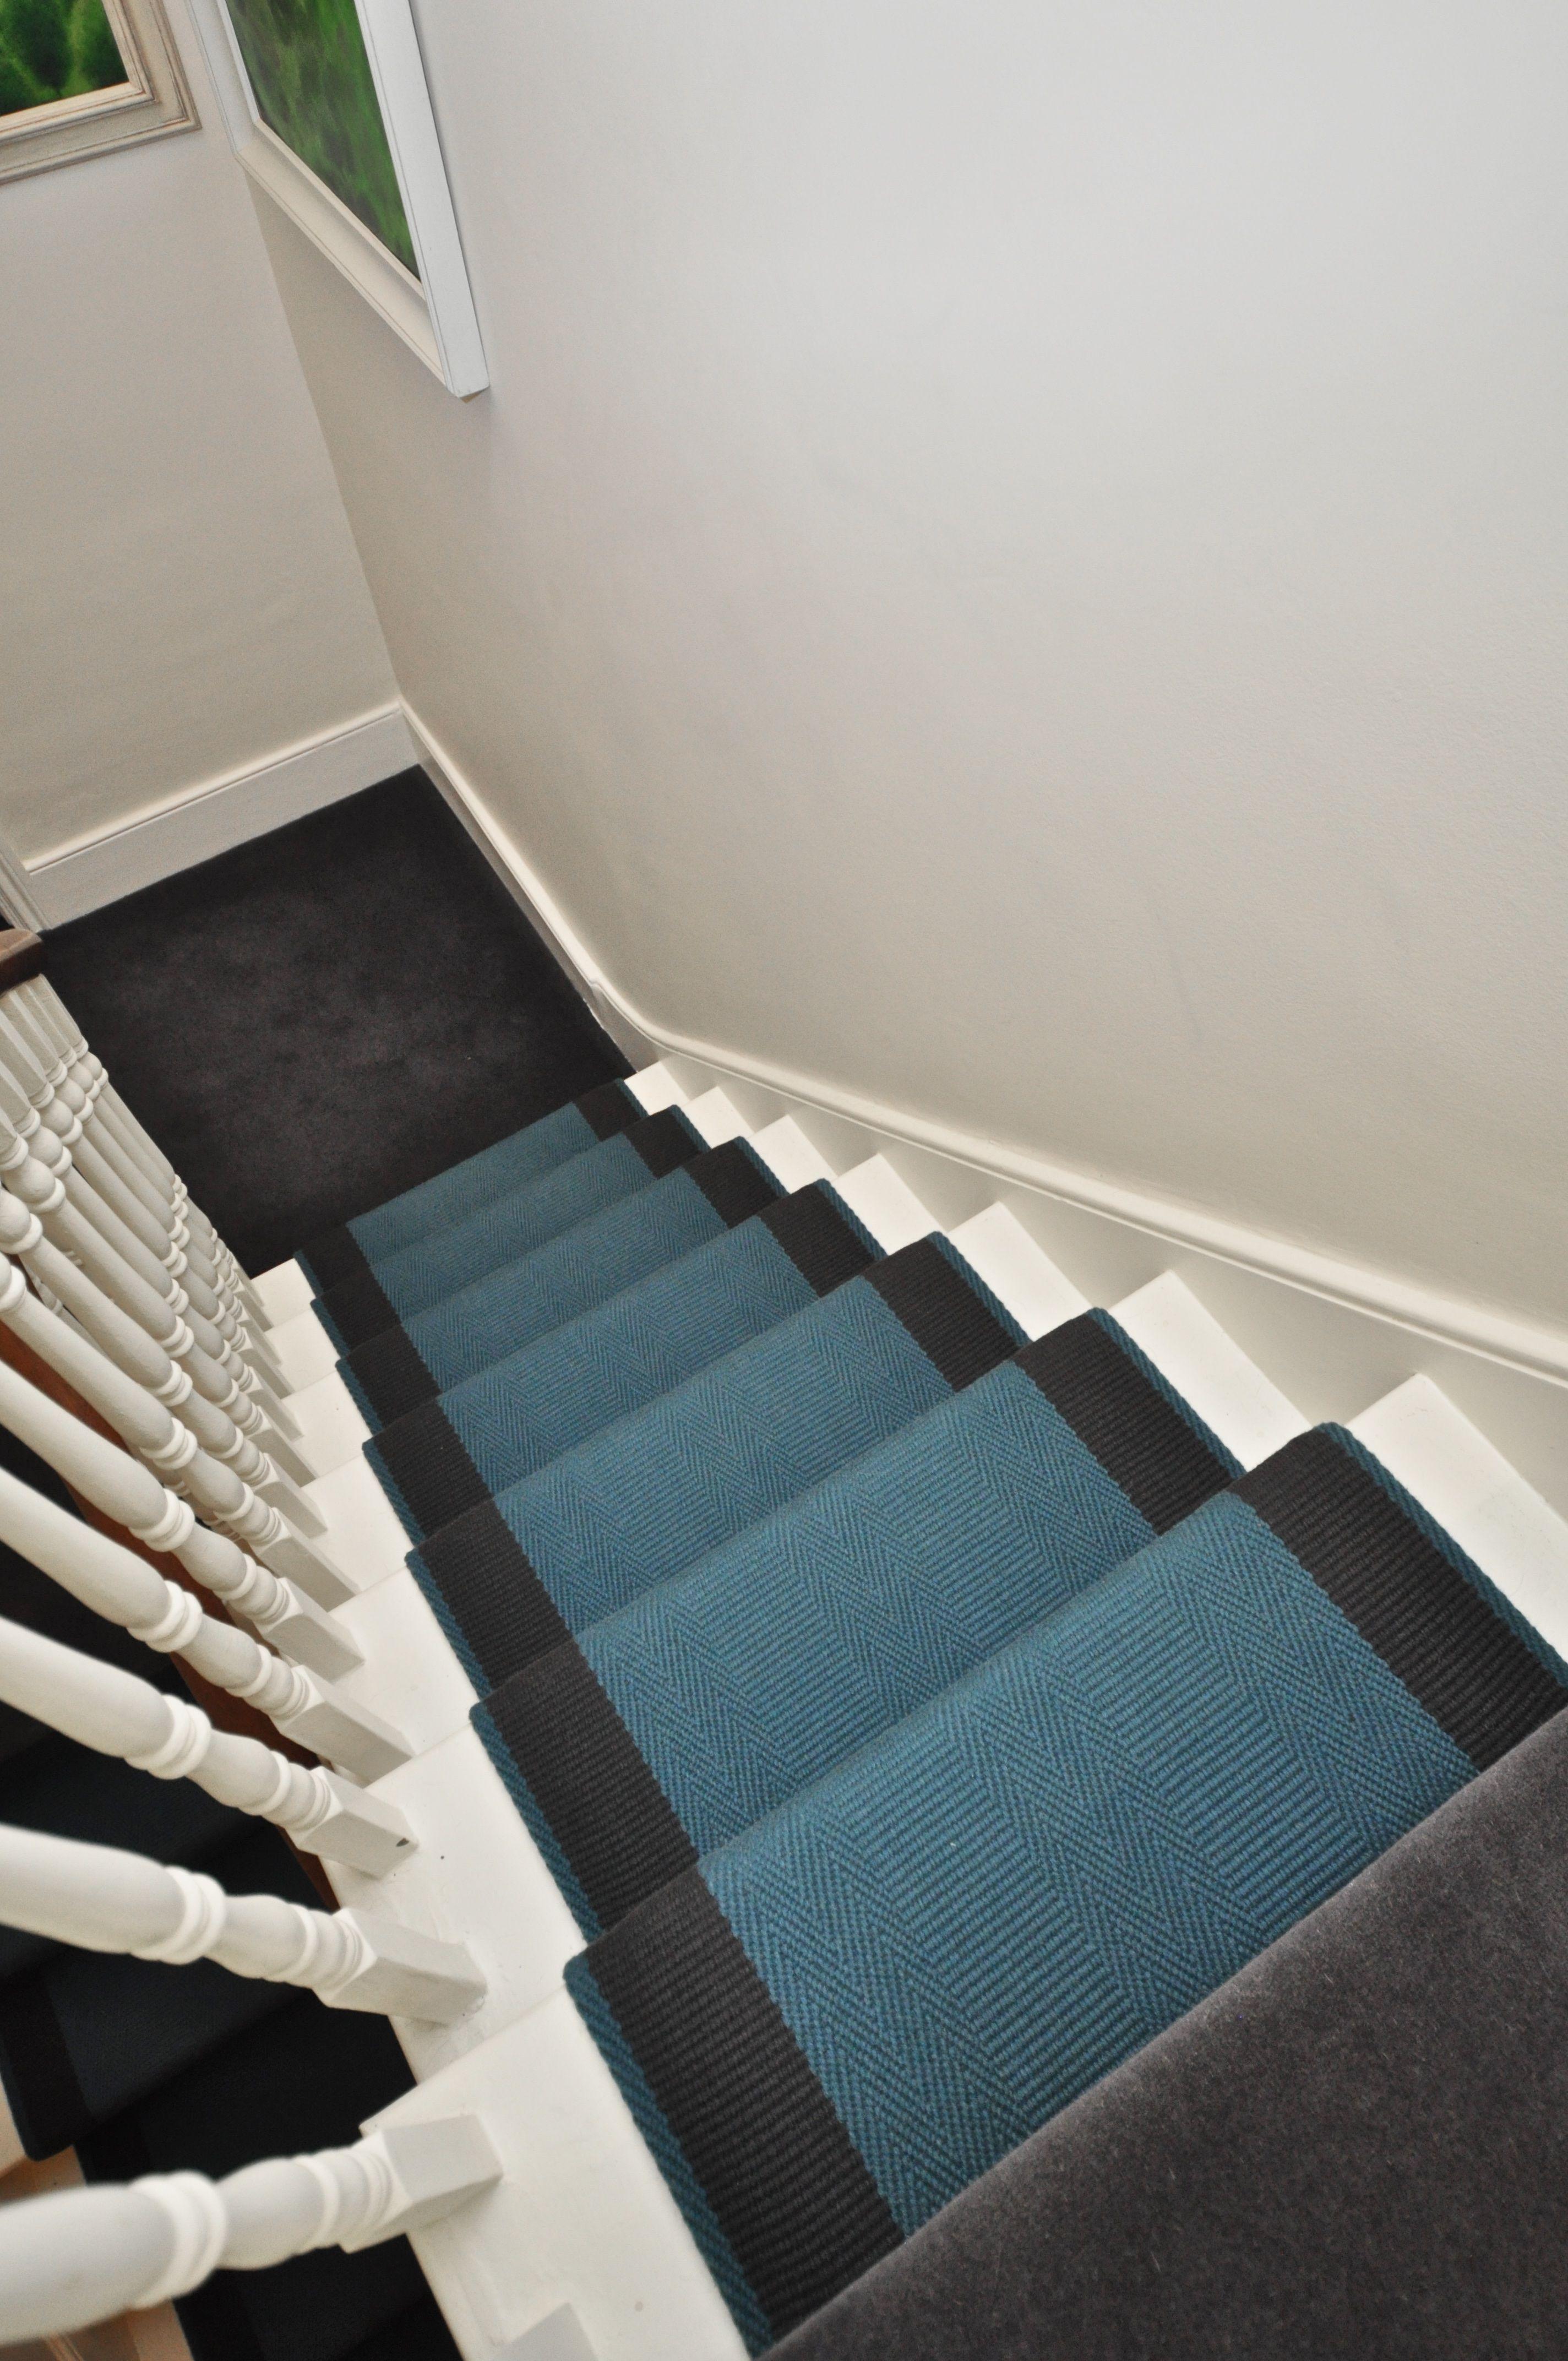 5 041 Flatweave Stair Runners Off The Loom Ashington 6 Flatweave Stair Runners With Folded Edges Co Ordinating Wool Carpets To Landings Fitted In London Www Offtheloom Co Uk Wool Carpet Carpet Fitting Loom